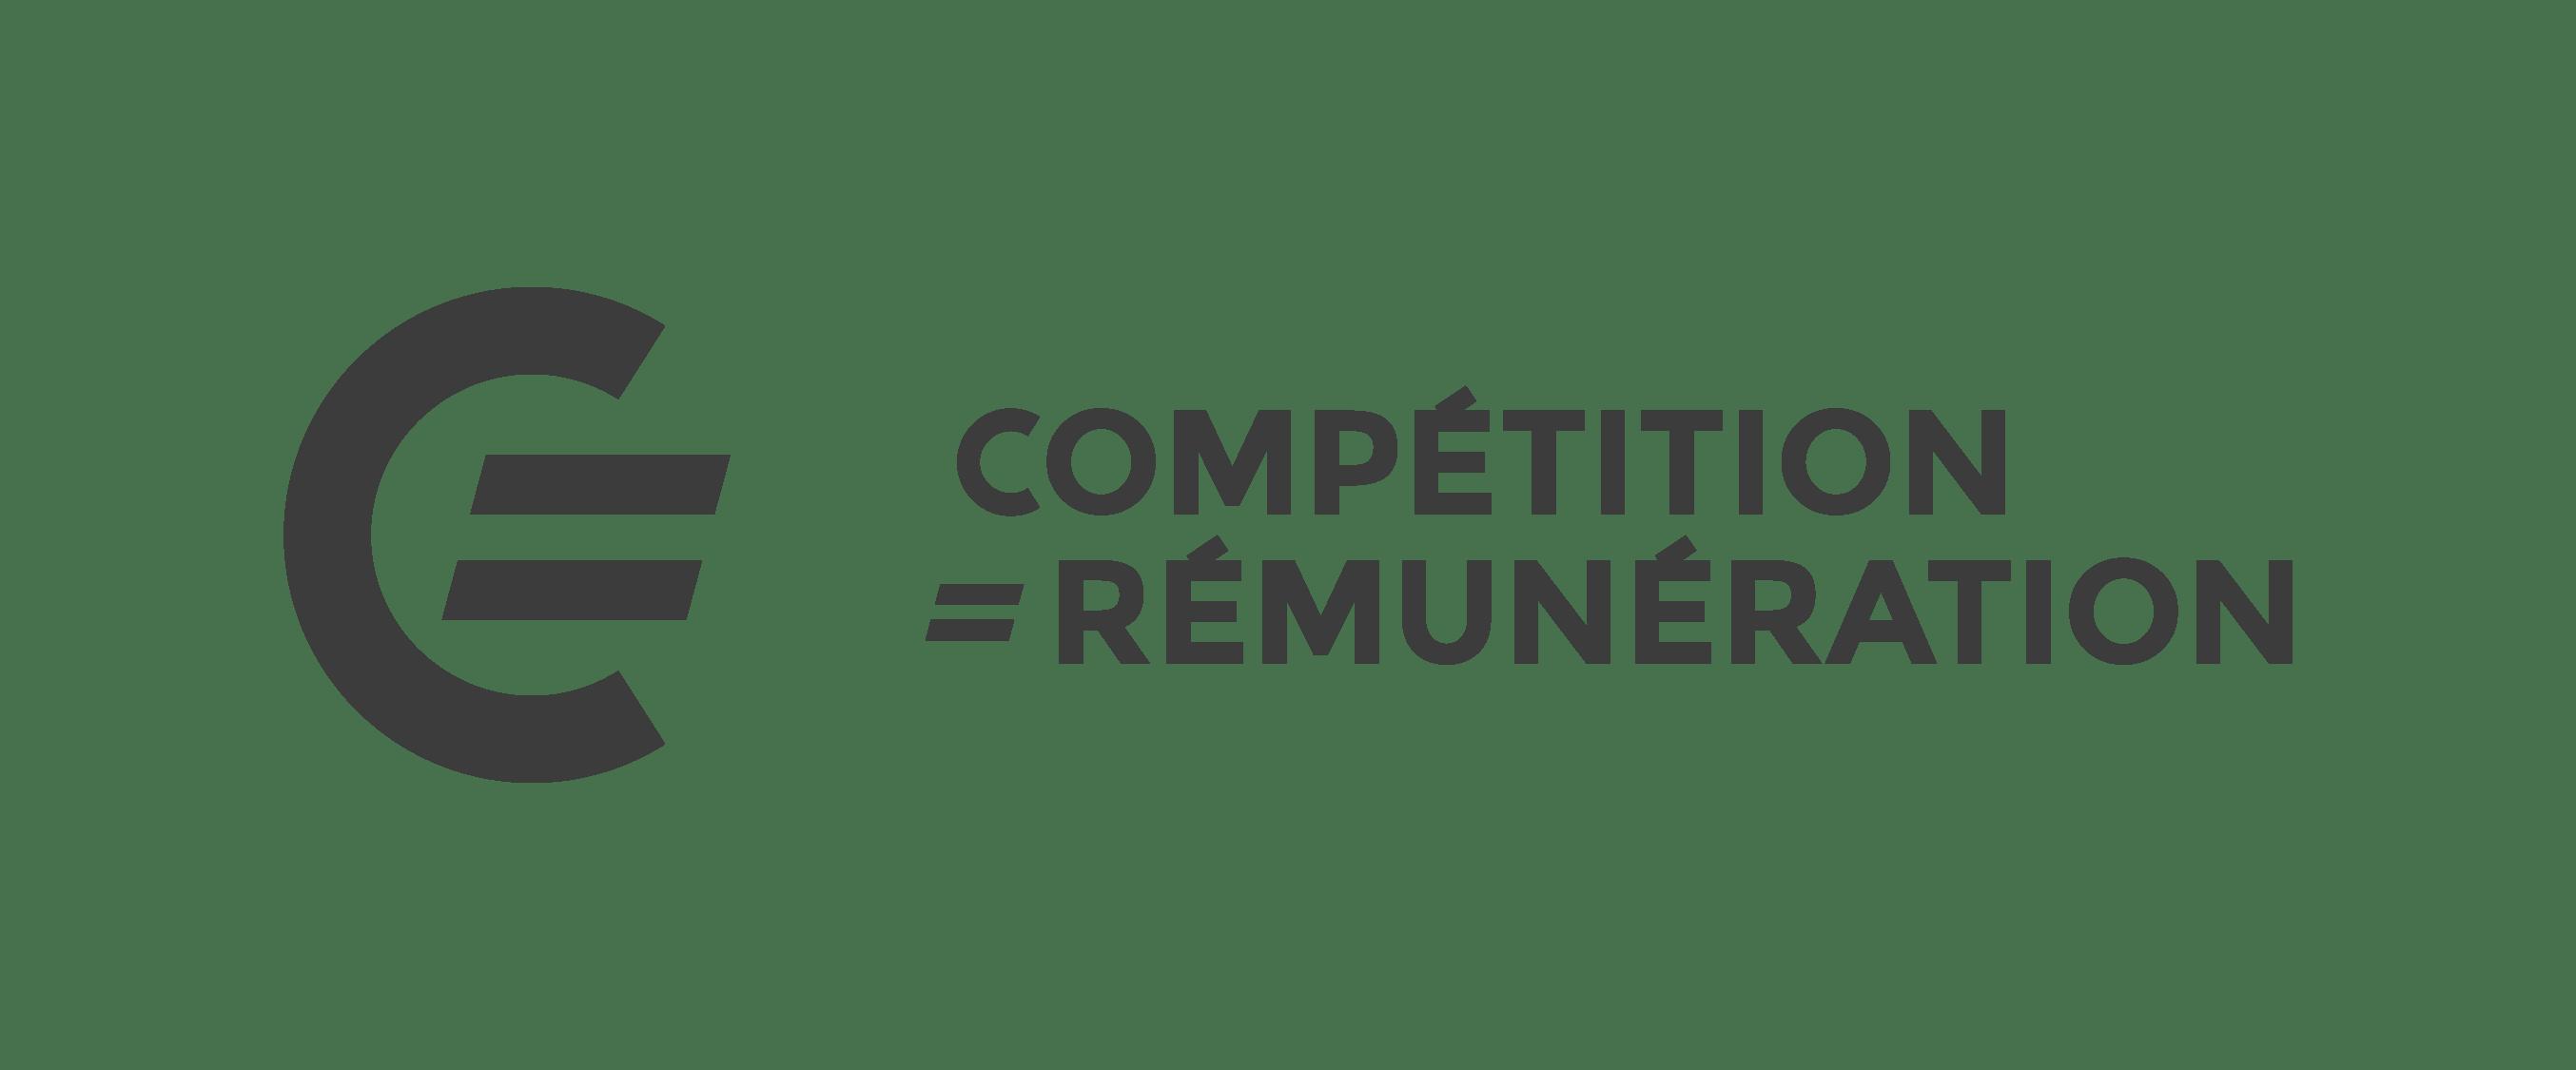 compétition = rémunération